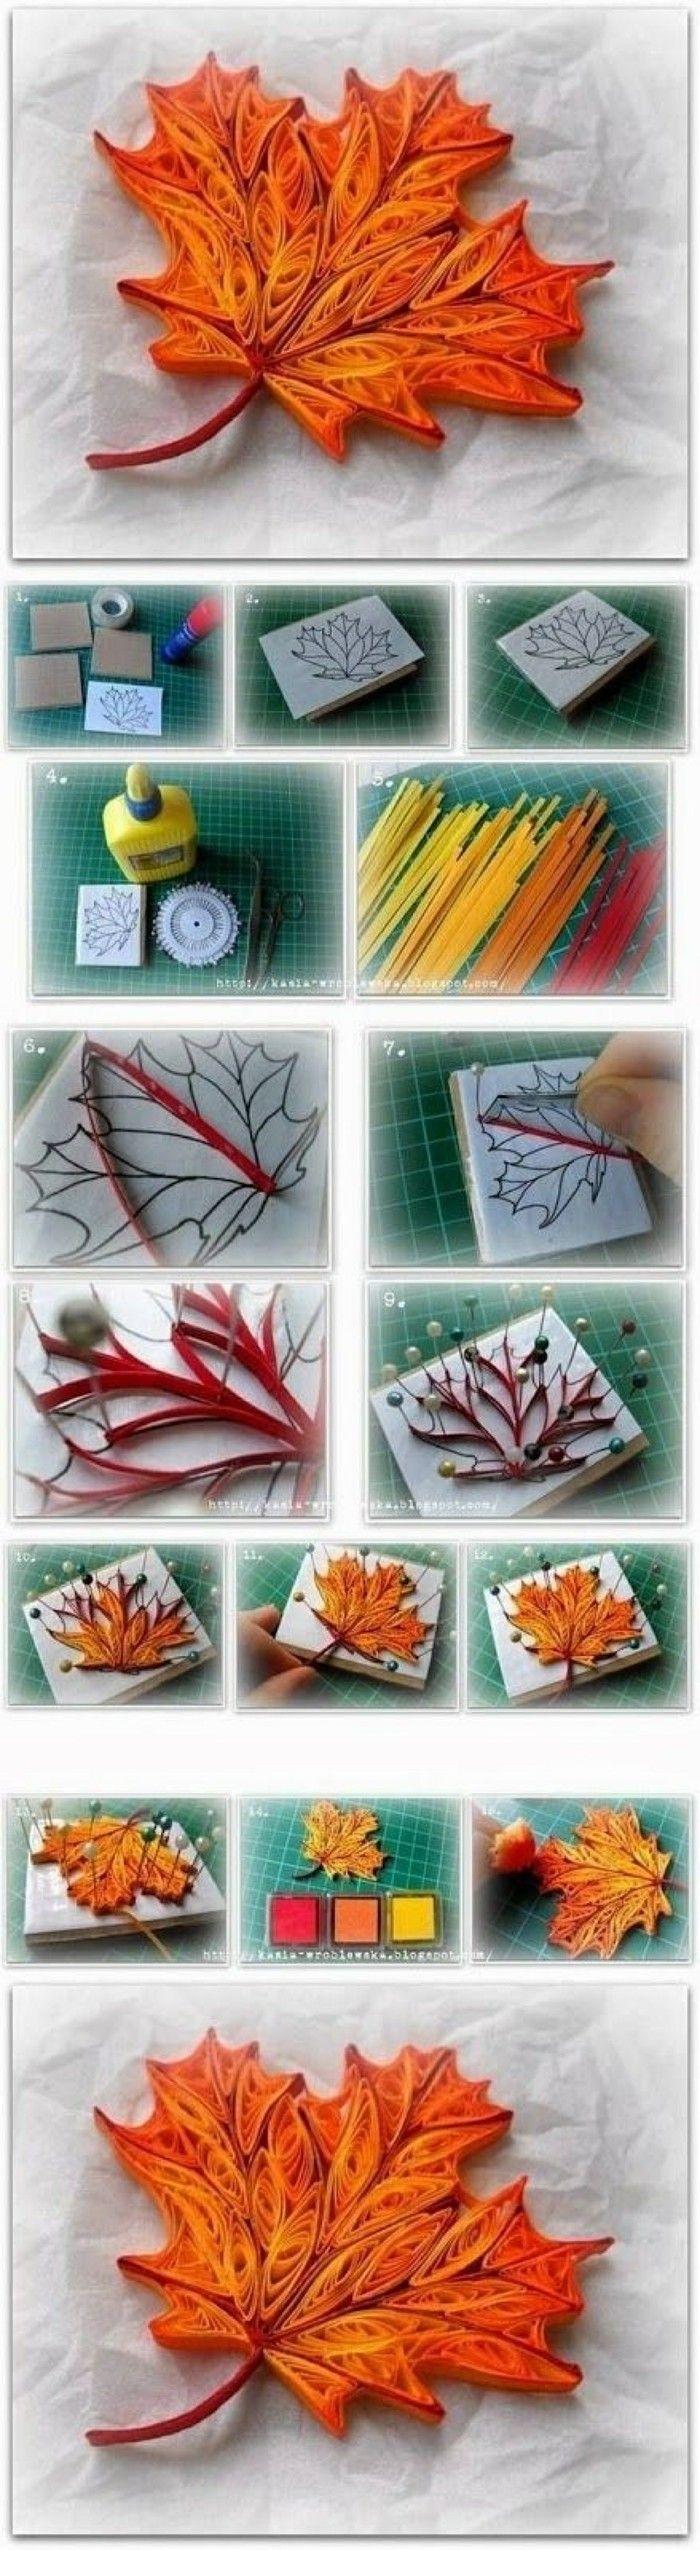 衍纸艺术#...来自瑞华彤的图片分享-堆糖网